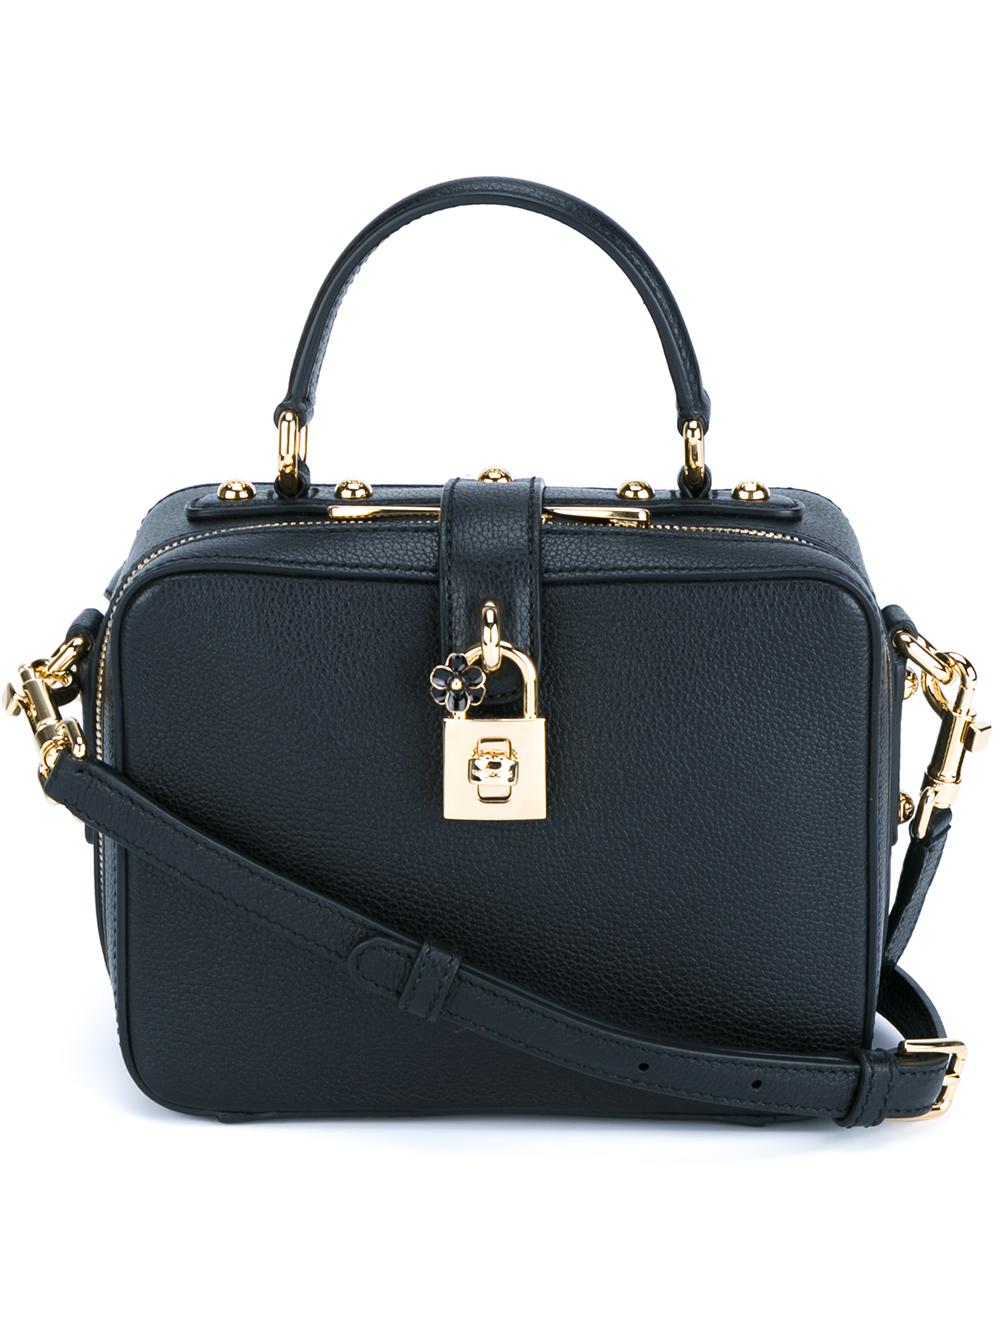 ff7f62d1e7a1 Lyst - Dolce   Gabbana Rosaria Box Lock Bag in Black